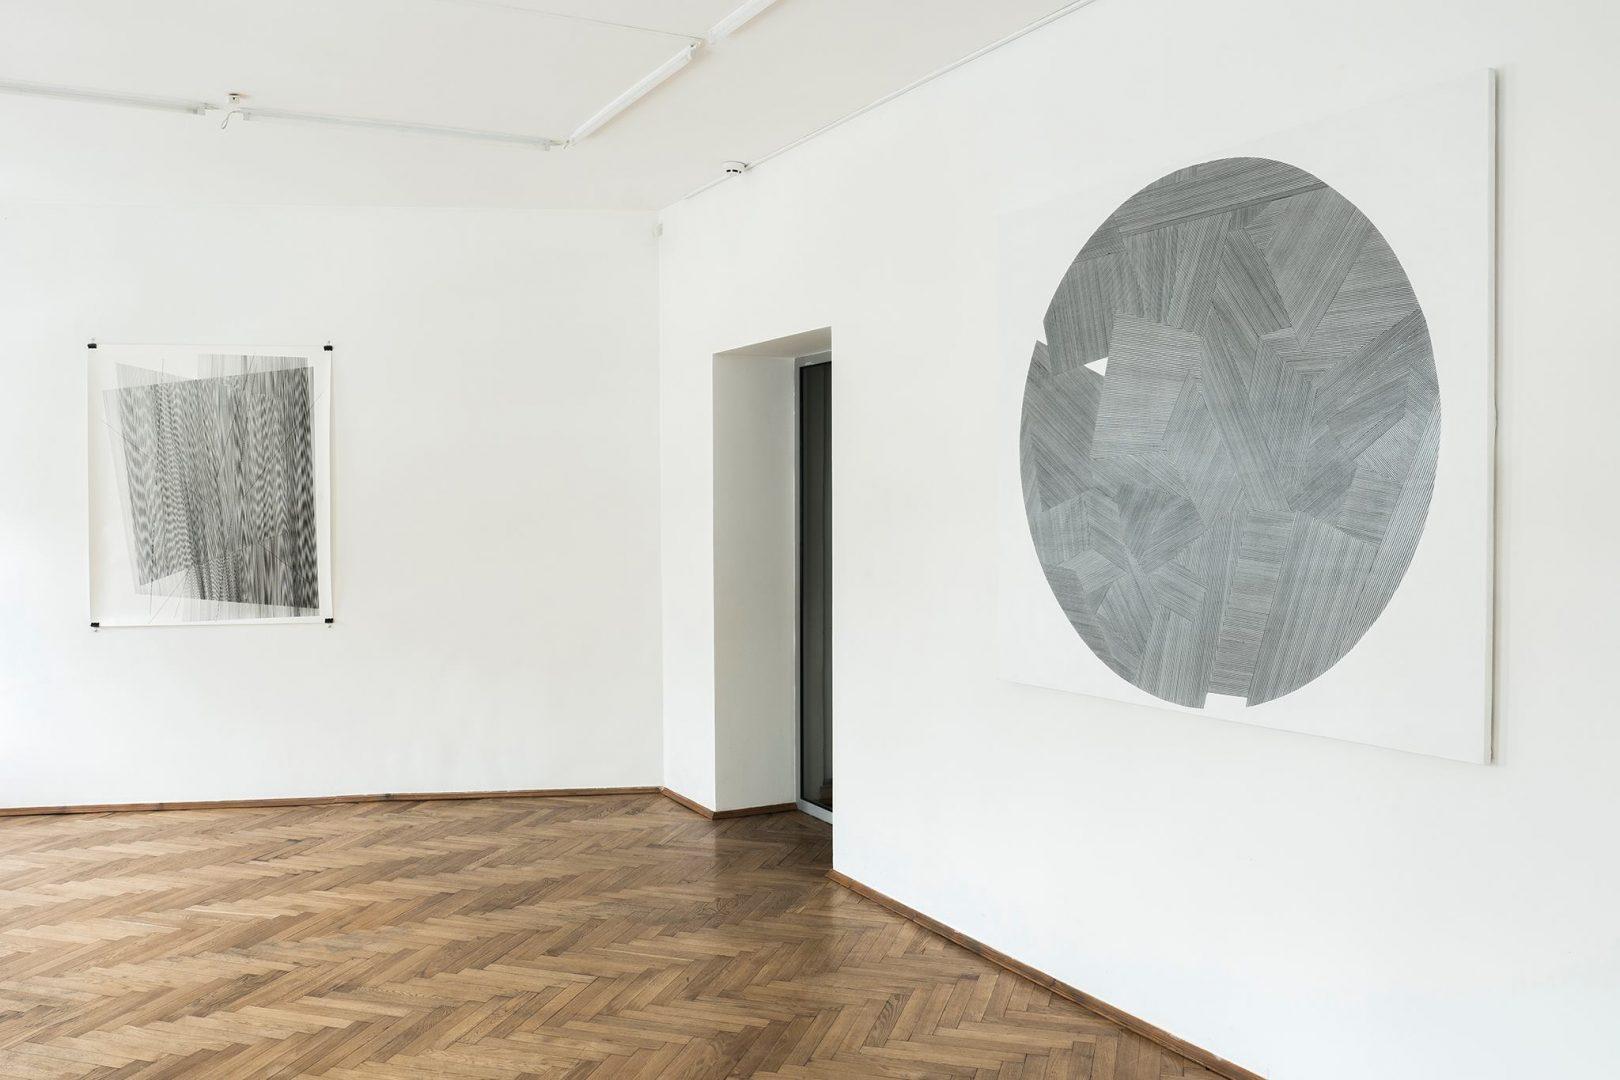 2018 - Icons \ Structures Bulgakov Museum – Kyiv, Ukraine. 2018.